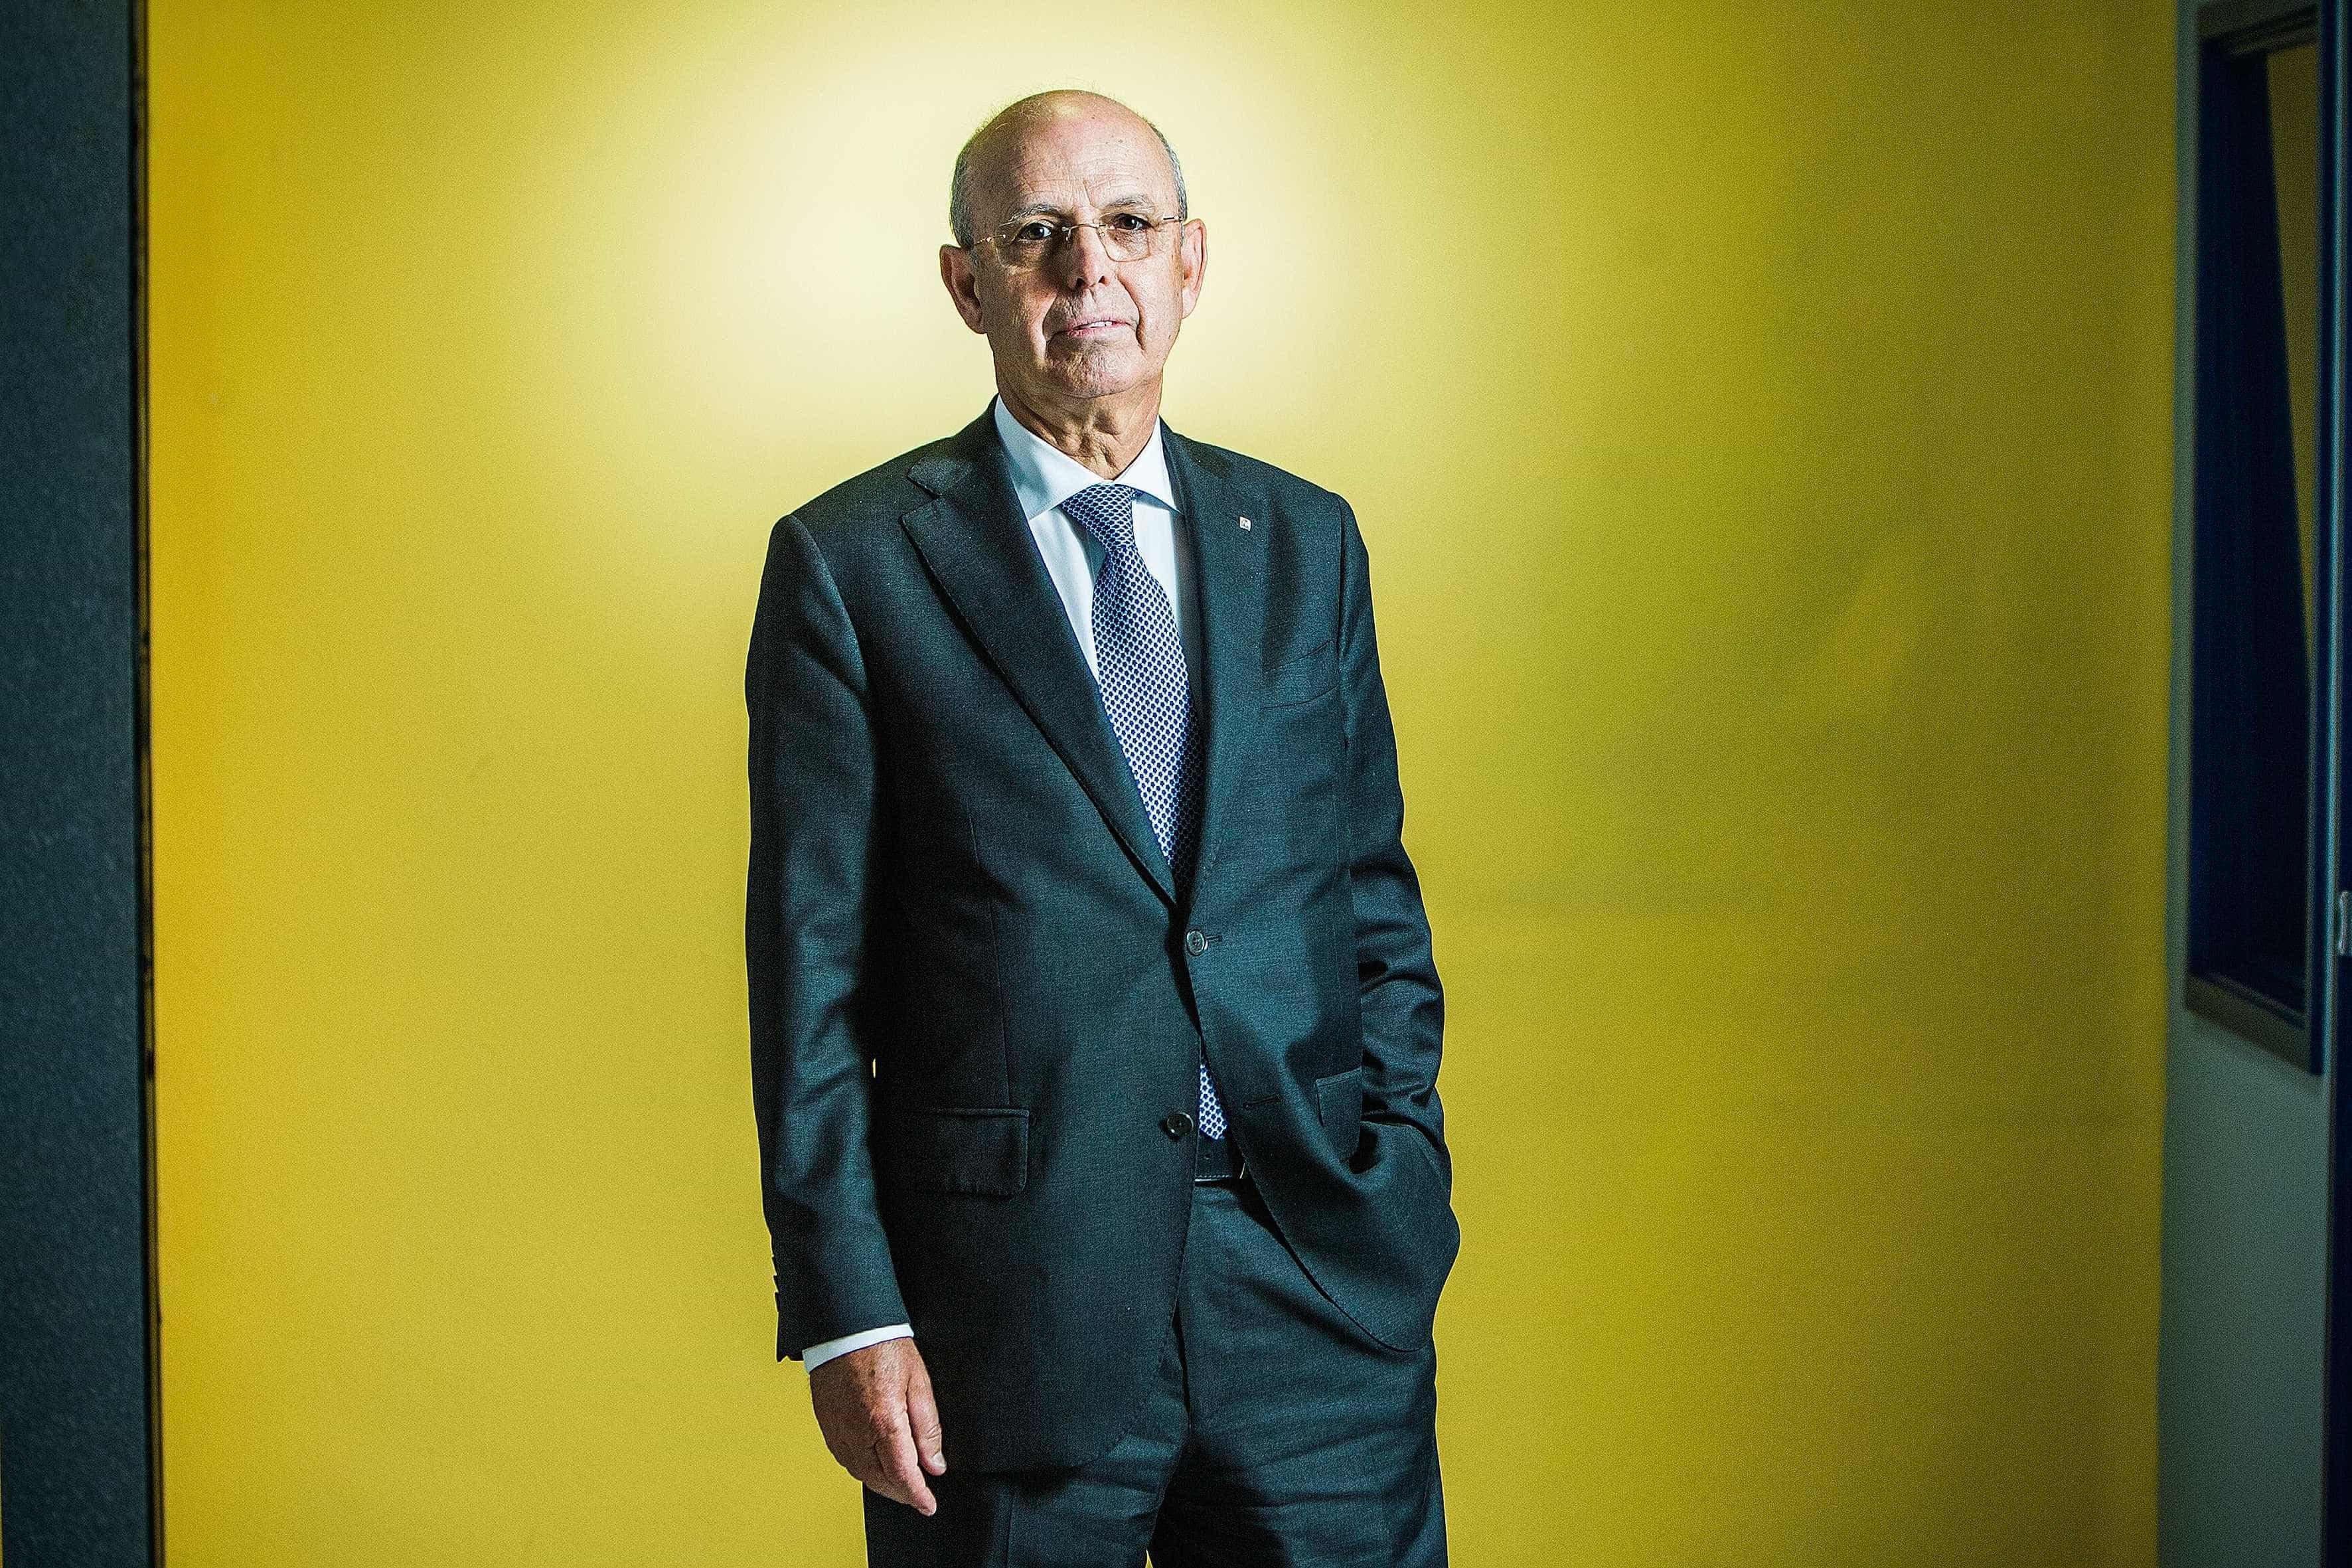 Opositores pedem saída de Tomás Correia e eleições na Associação Montepio